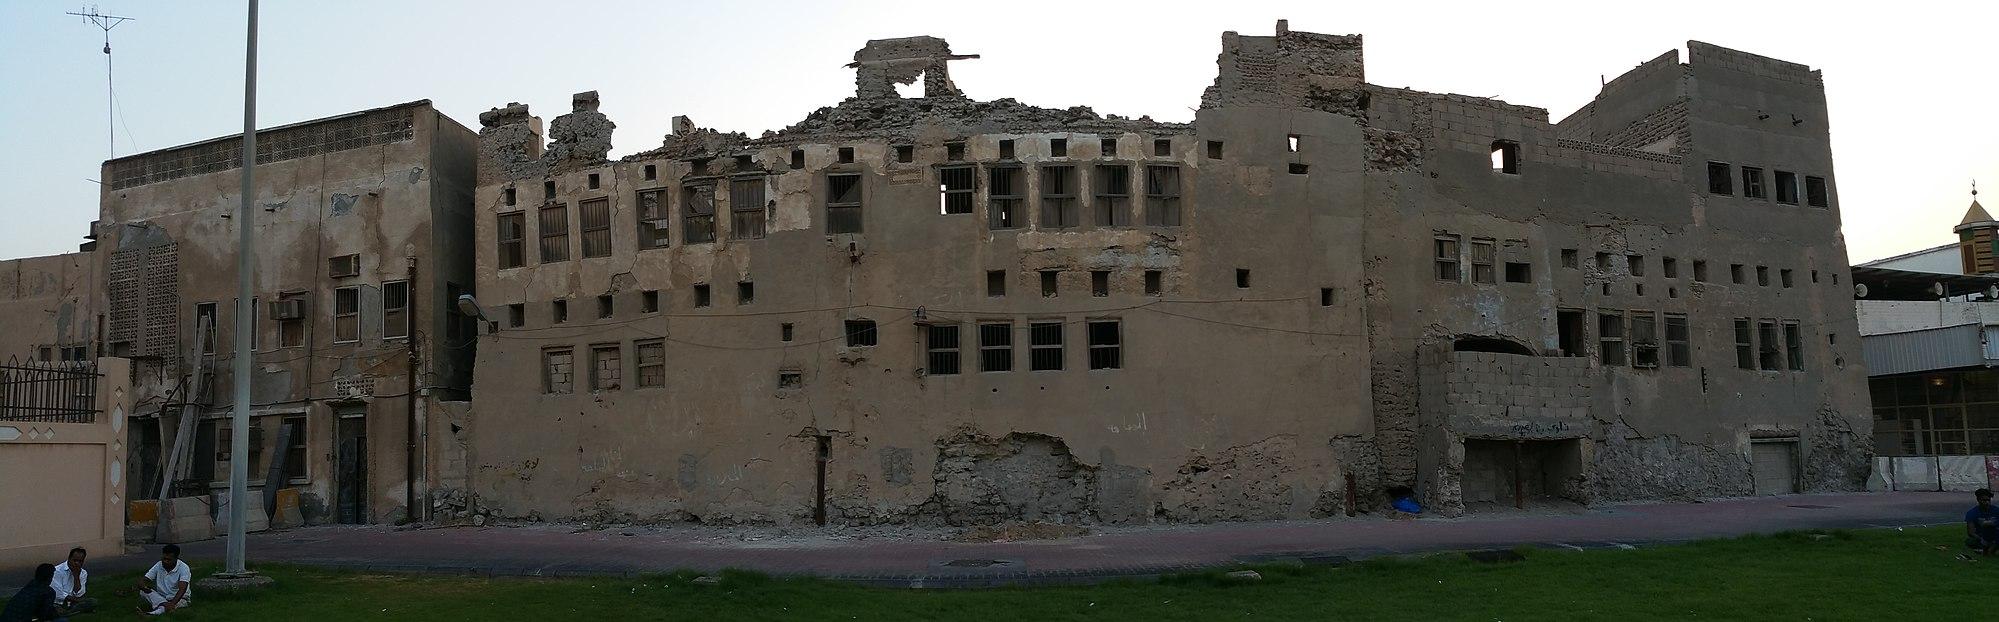 نهاية القلعة وإزالتها